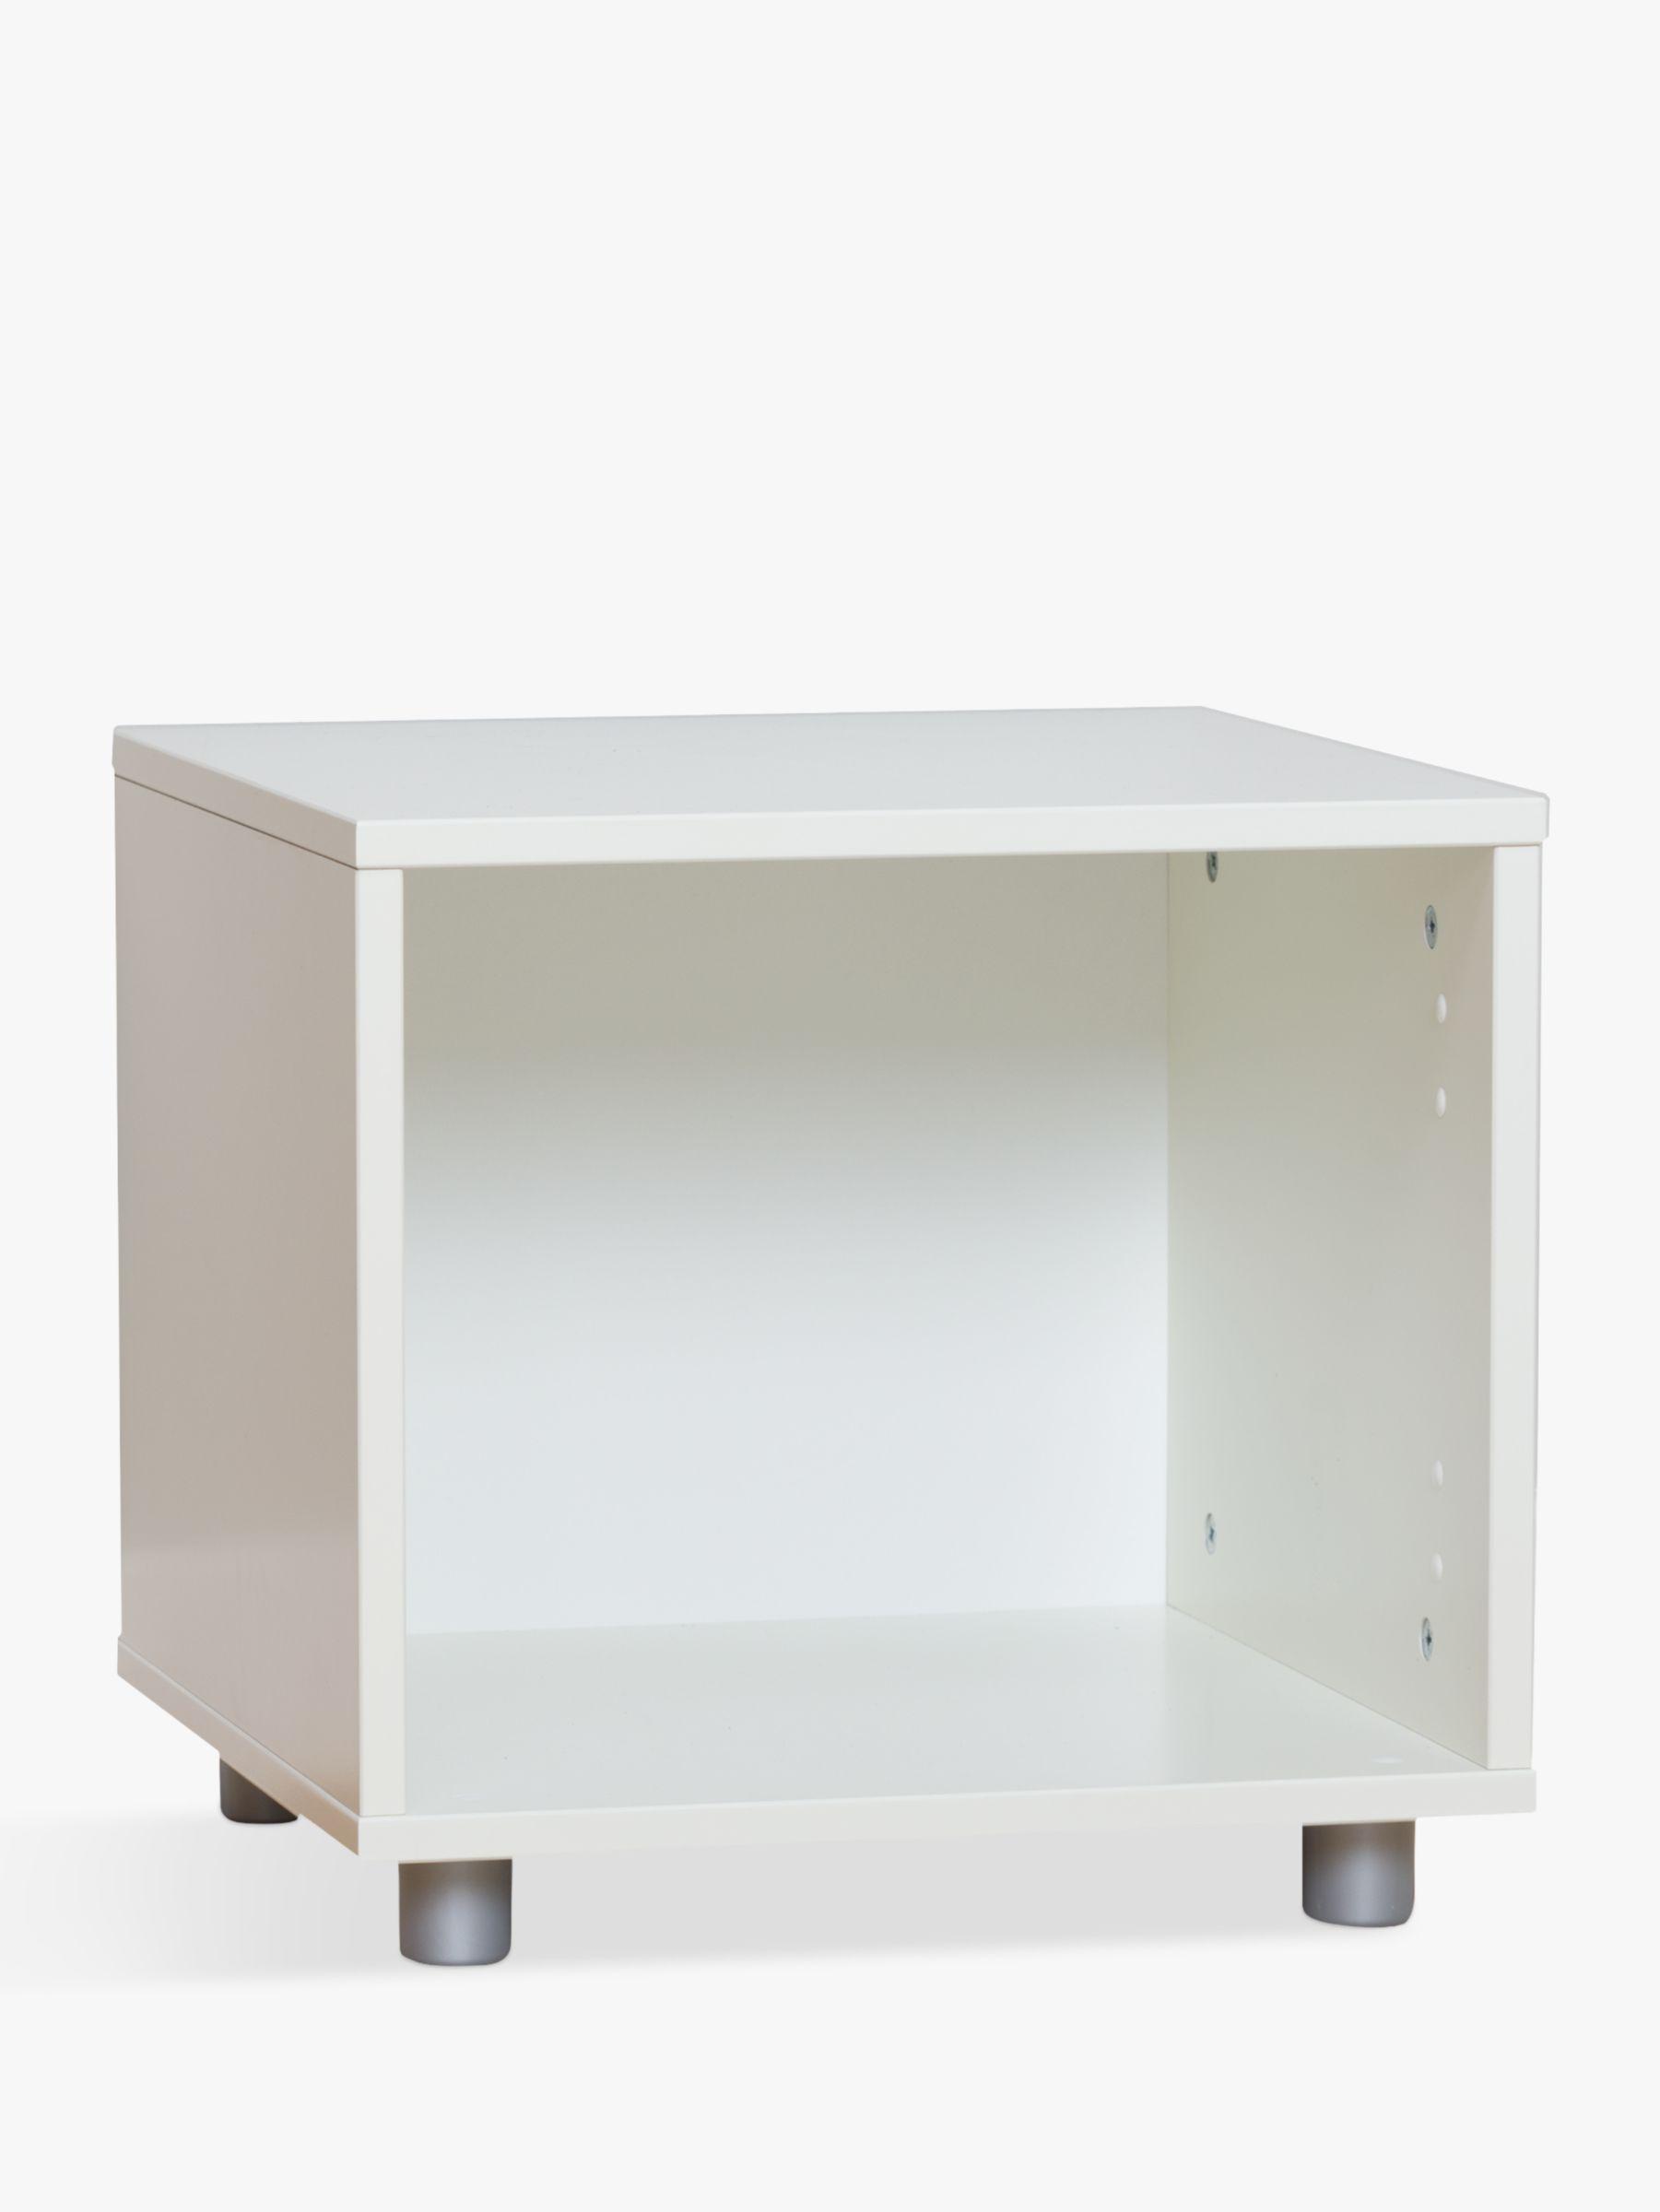 Stompa Stompa Uno S Plus Single Cube, White